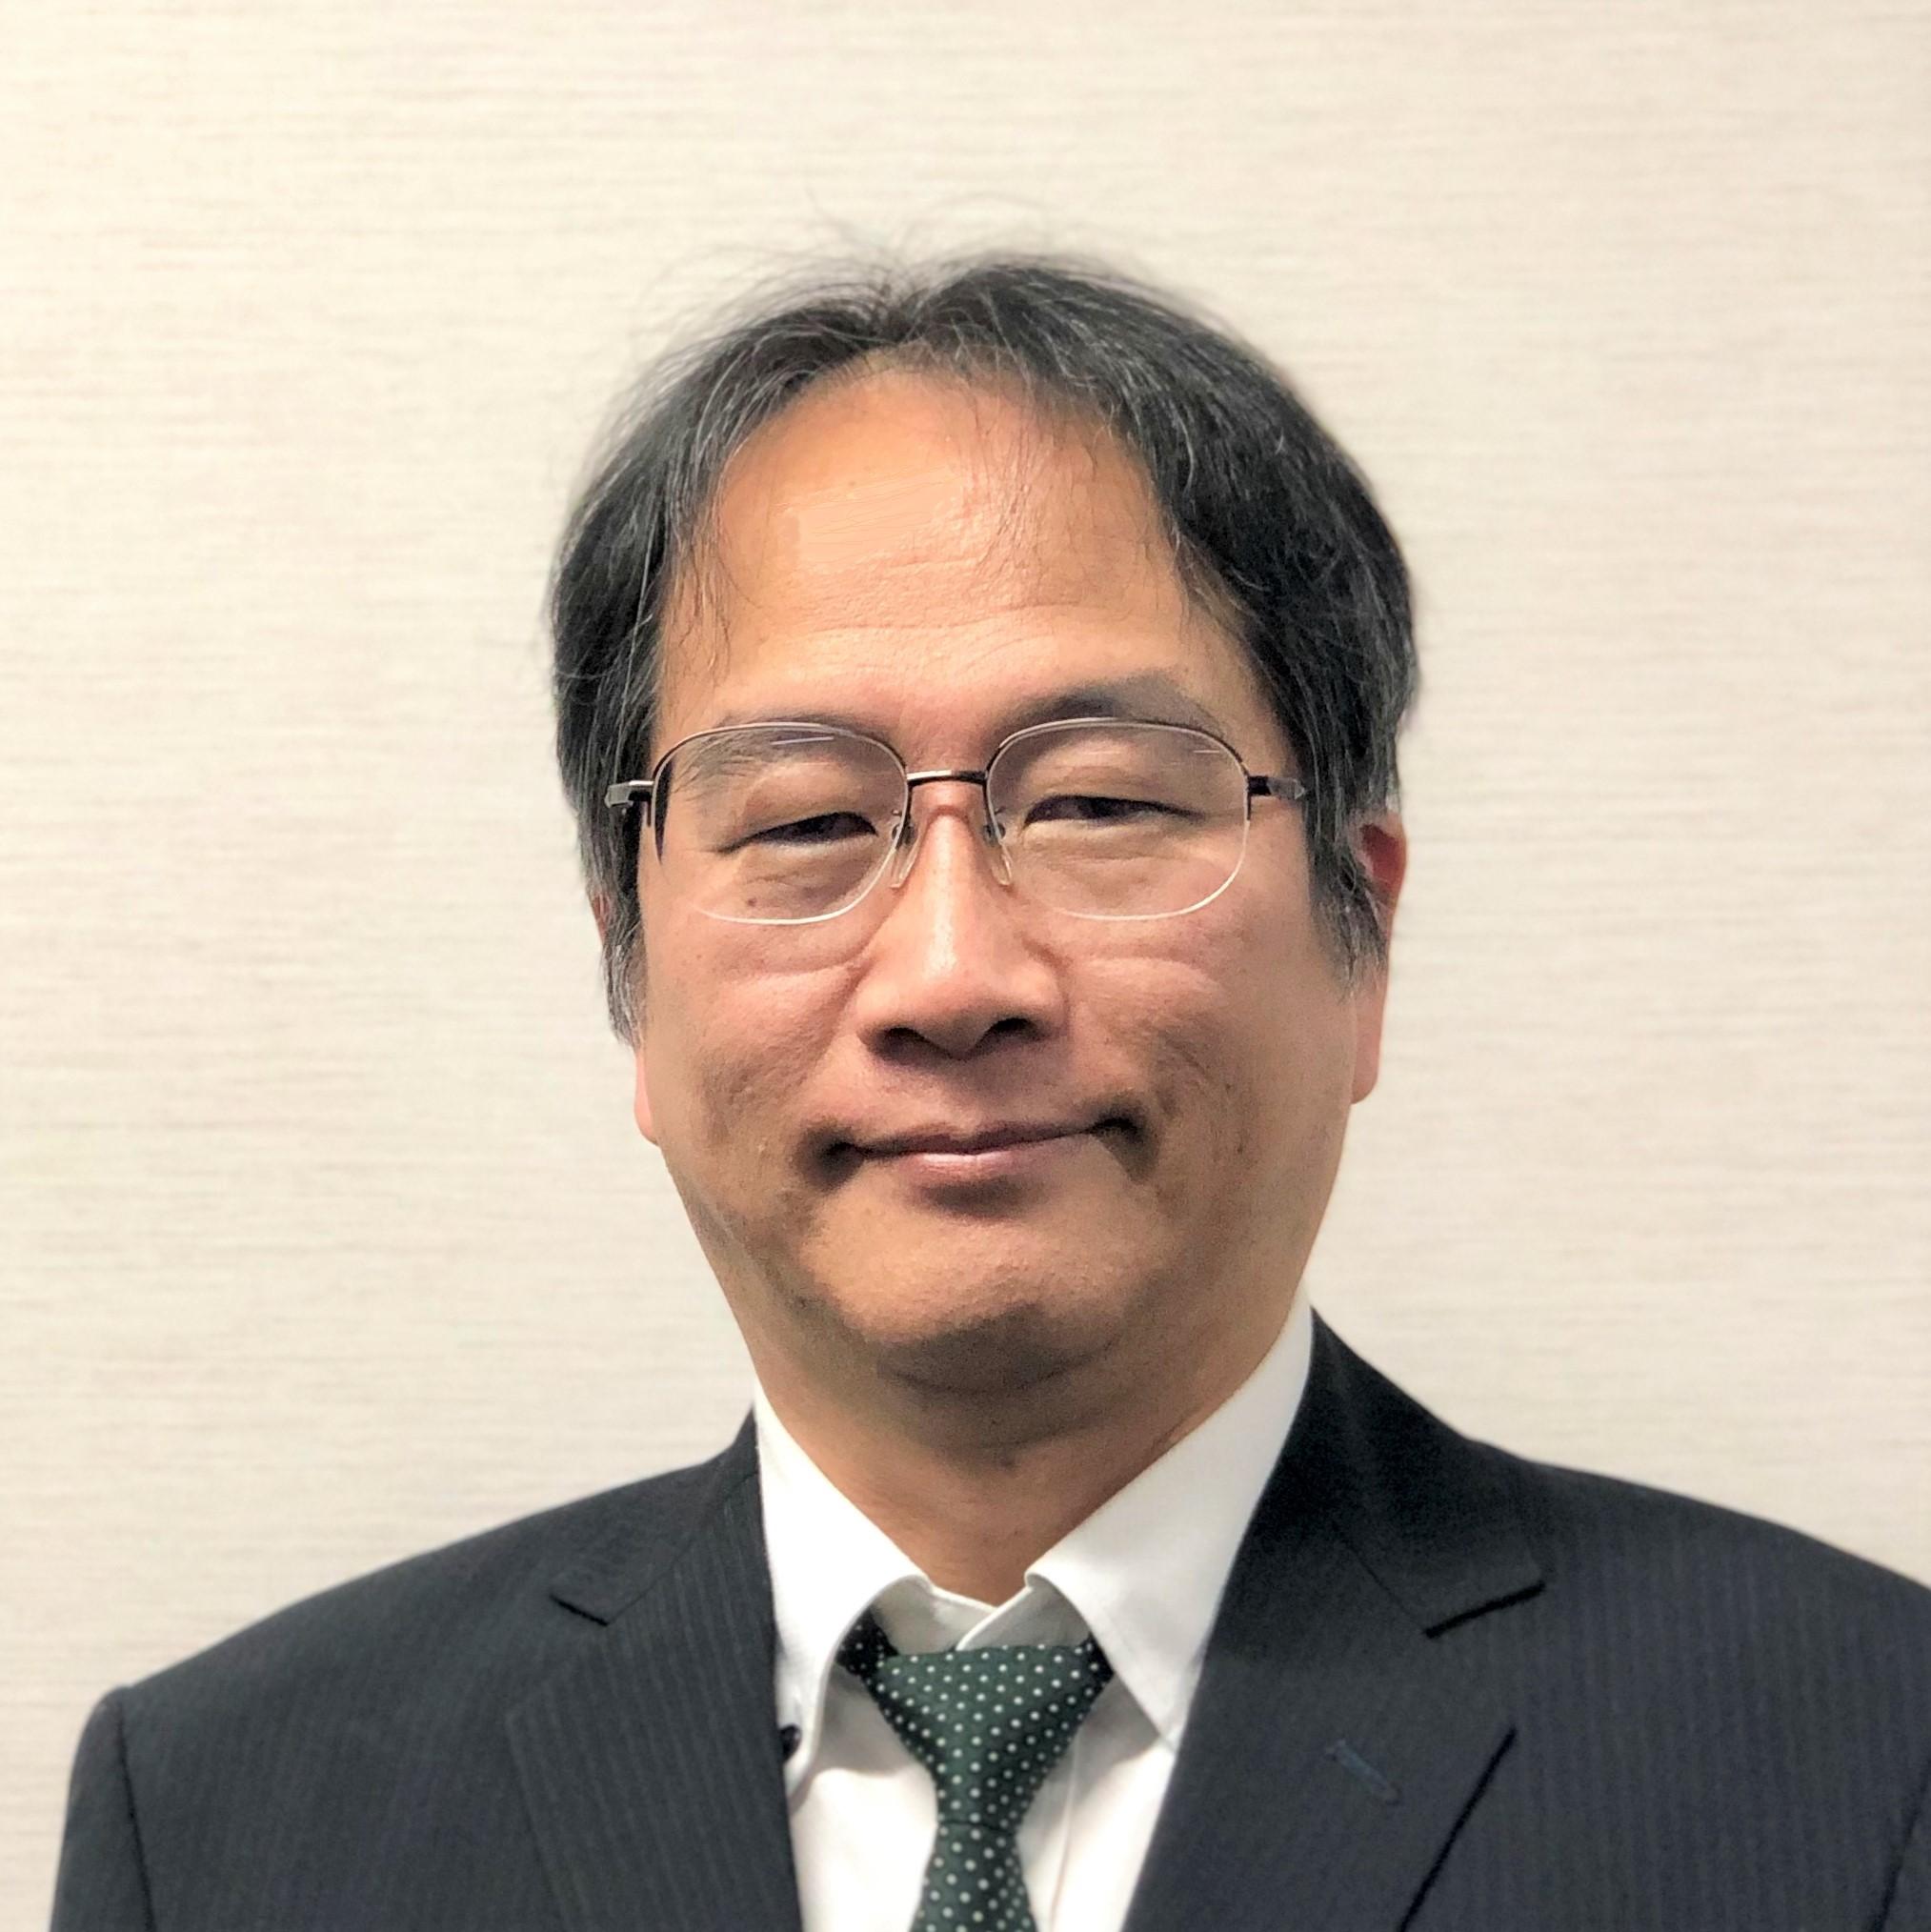 Hidetaka Nishimura